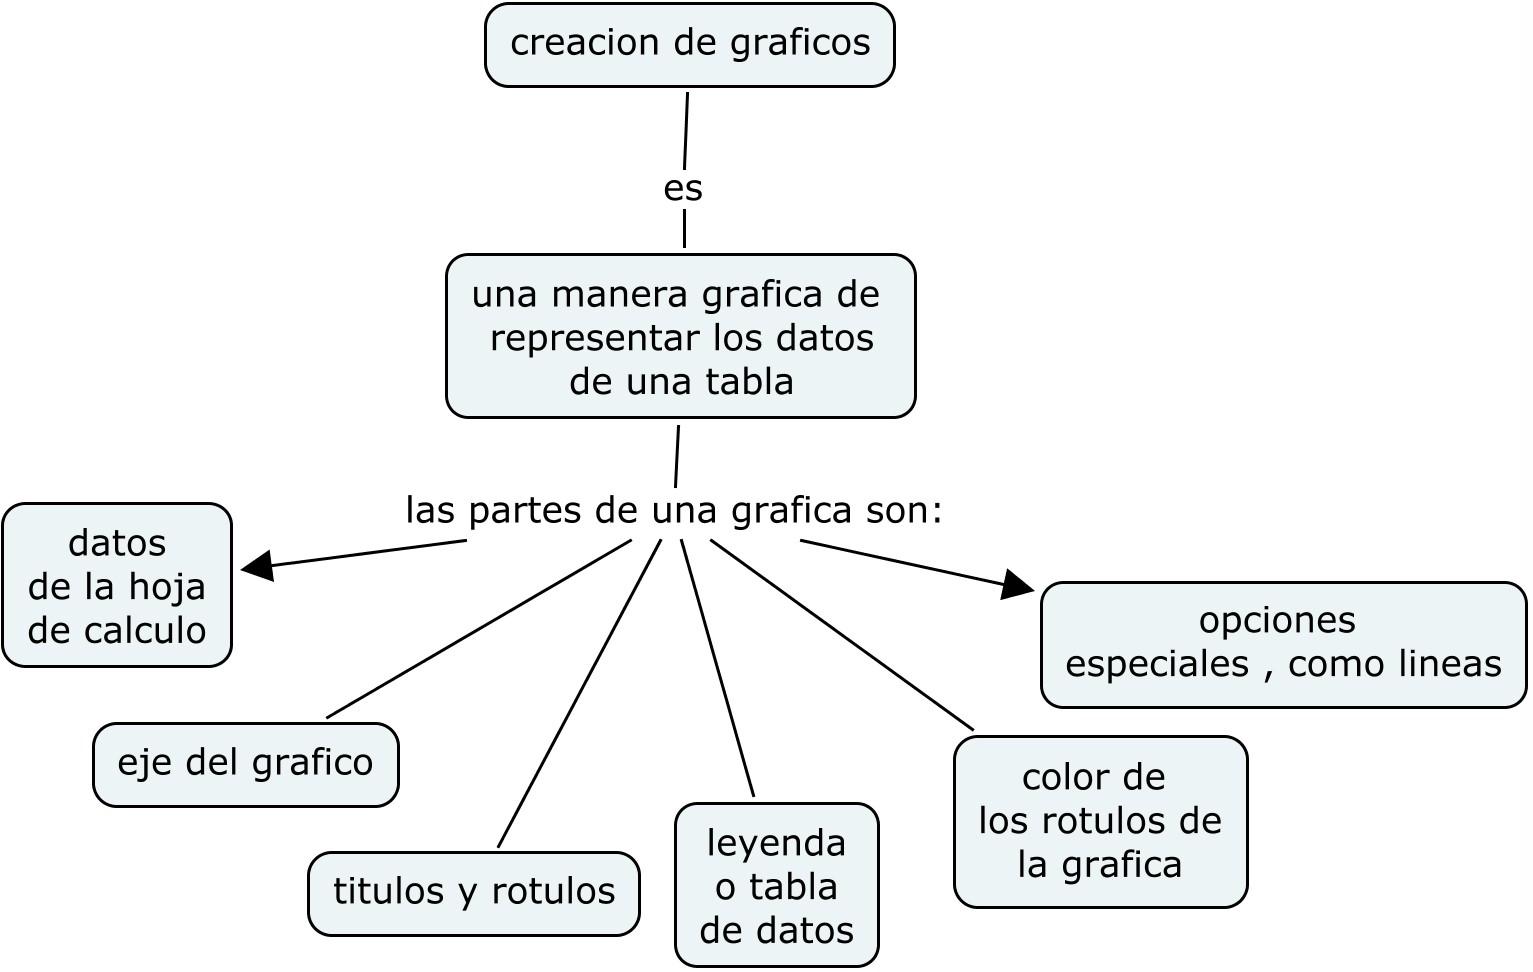 ITZAYANA: ¿como crear graficos en excel?